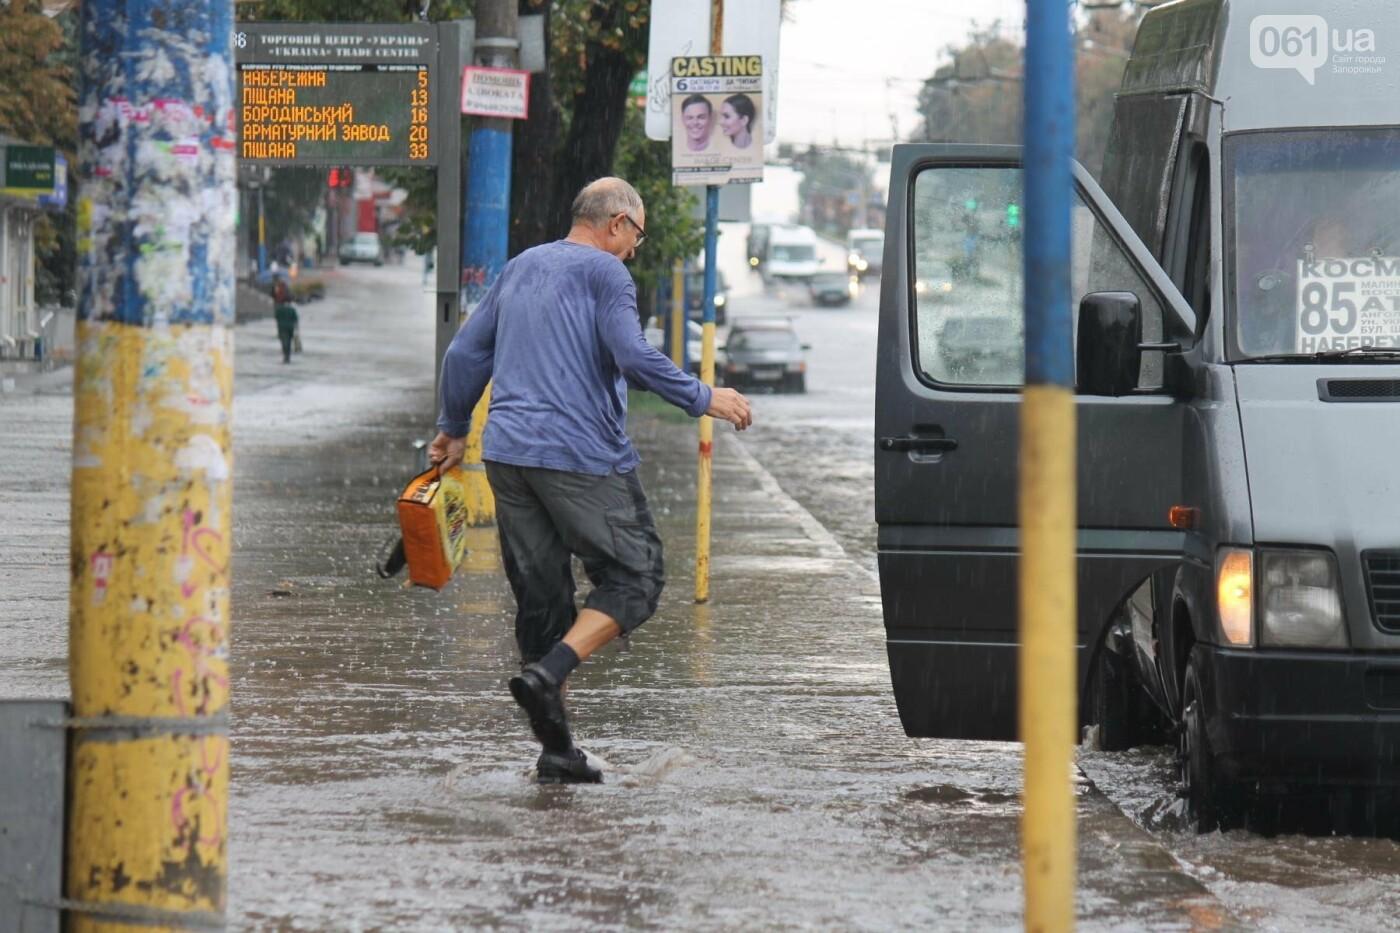 Запорожье накрыл мощный ливень: улицы затопило, люди насквозь промокли, – ФОТОРЕПОРТАЖ, фото-7